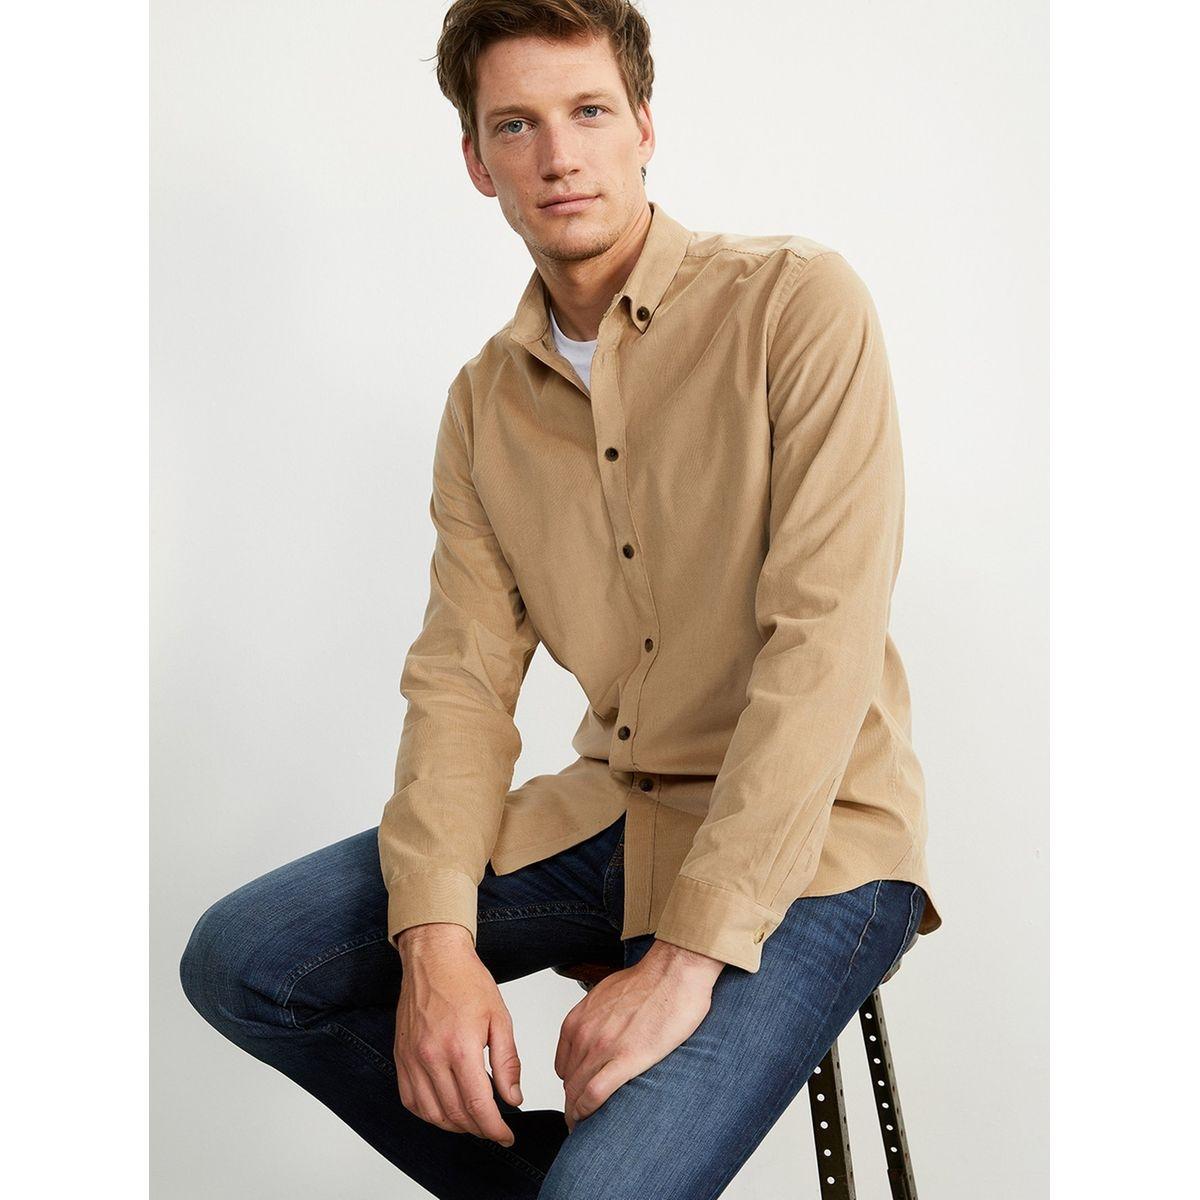 Chemise droite homme en velours milleraies